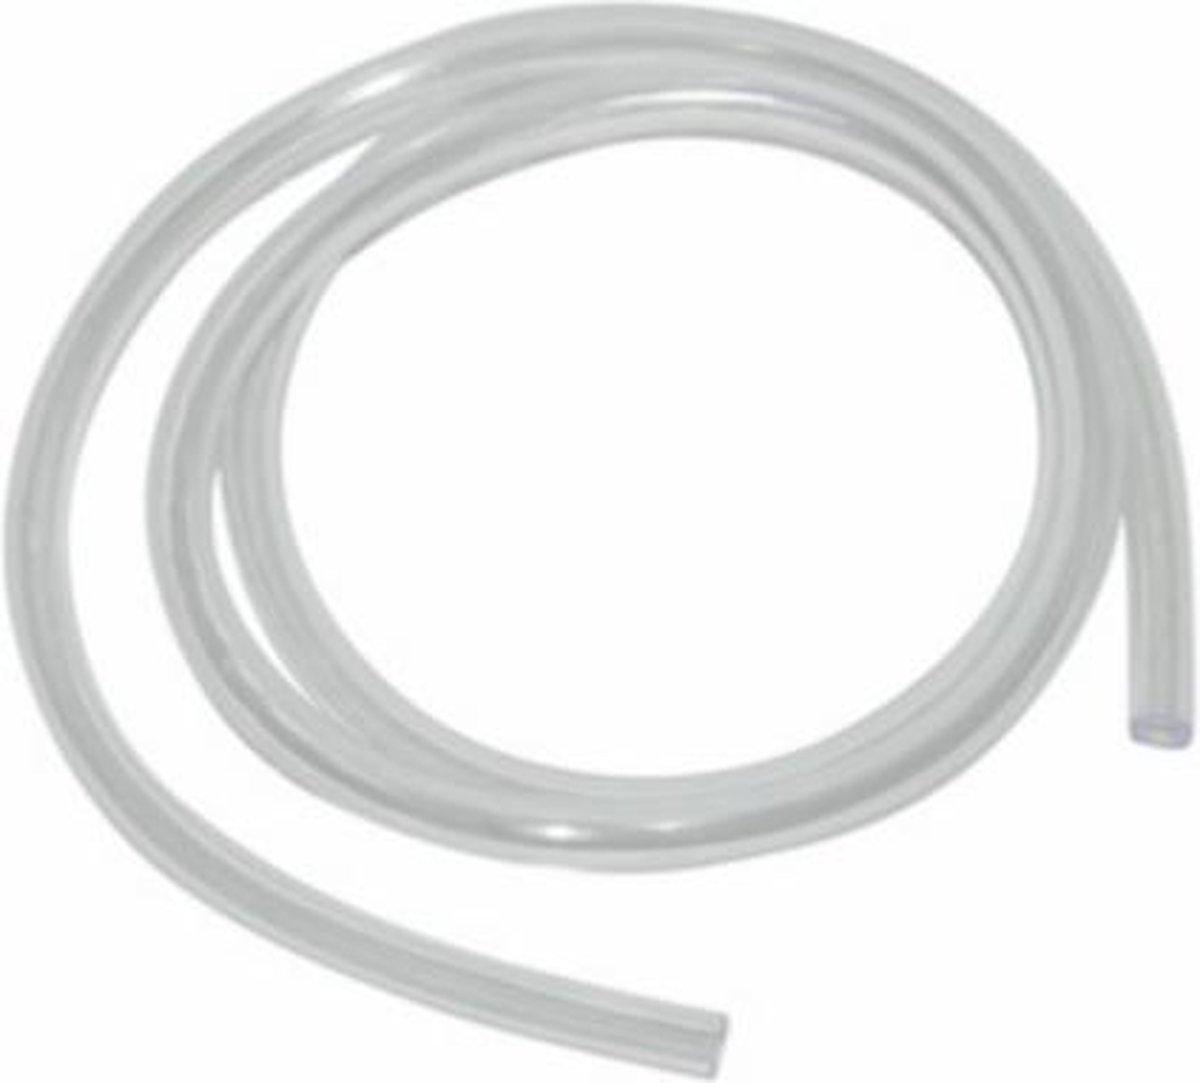 Benzineslang 5x8mm transparant per rol 1m